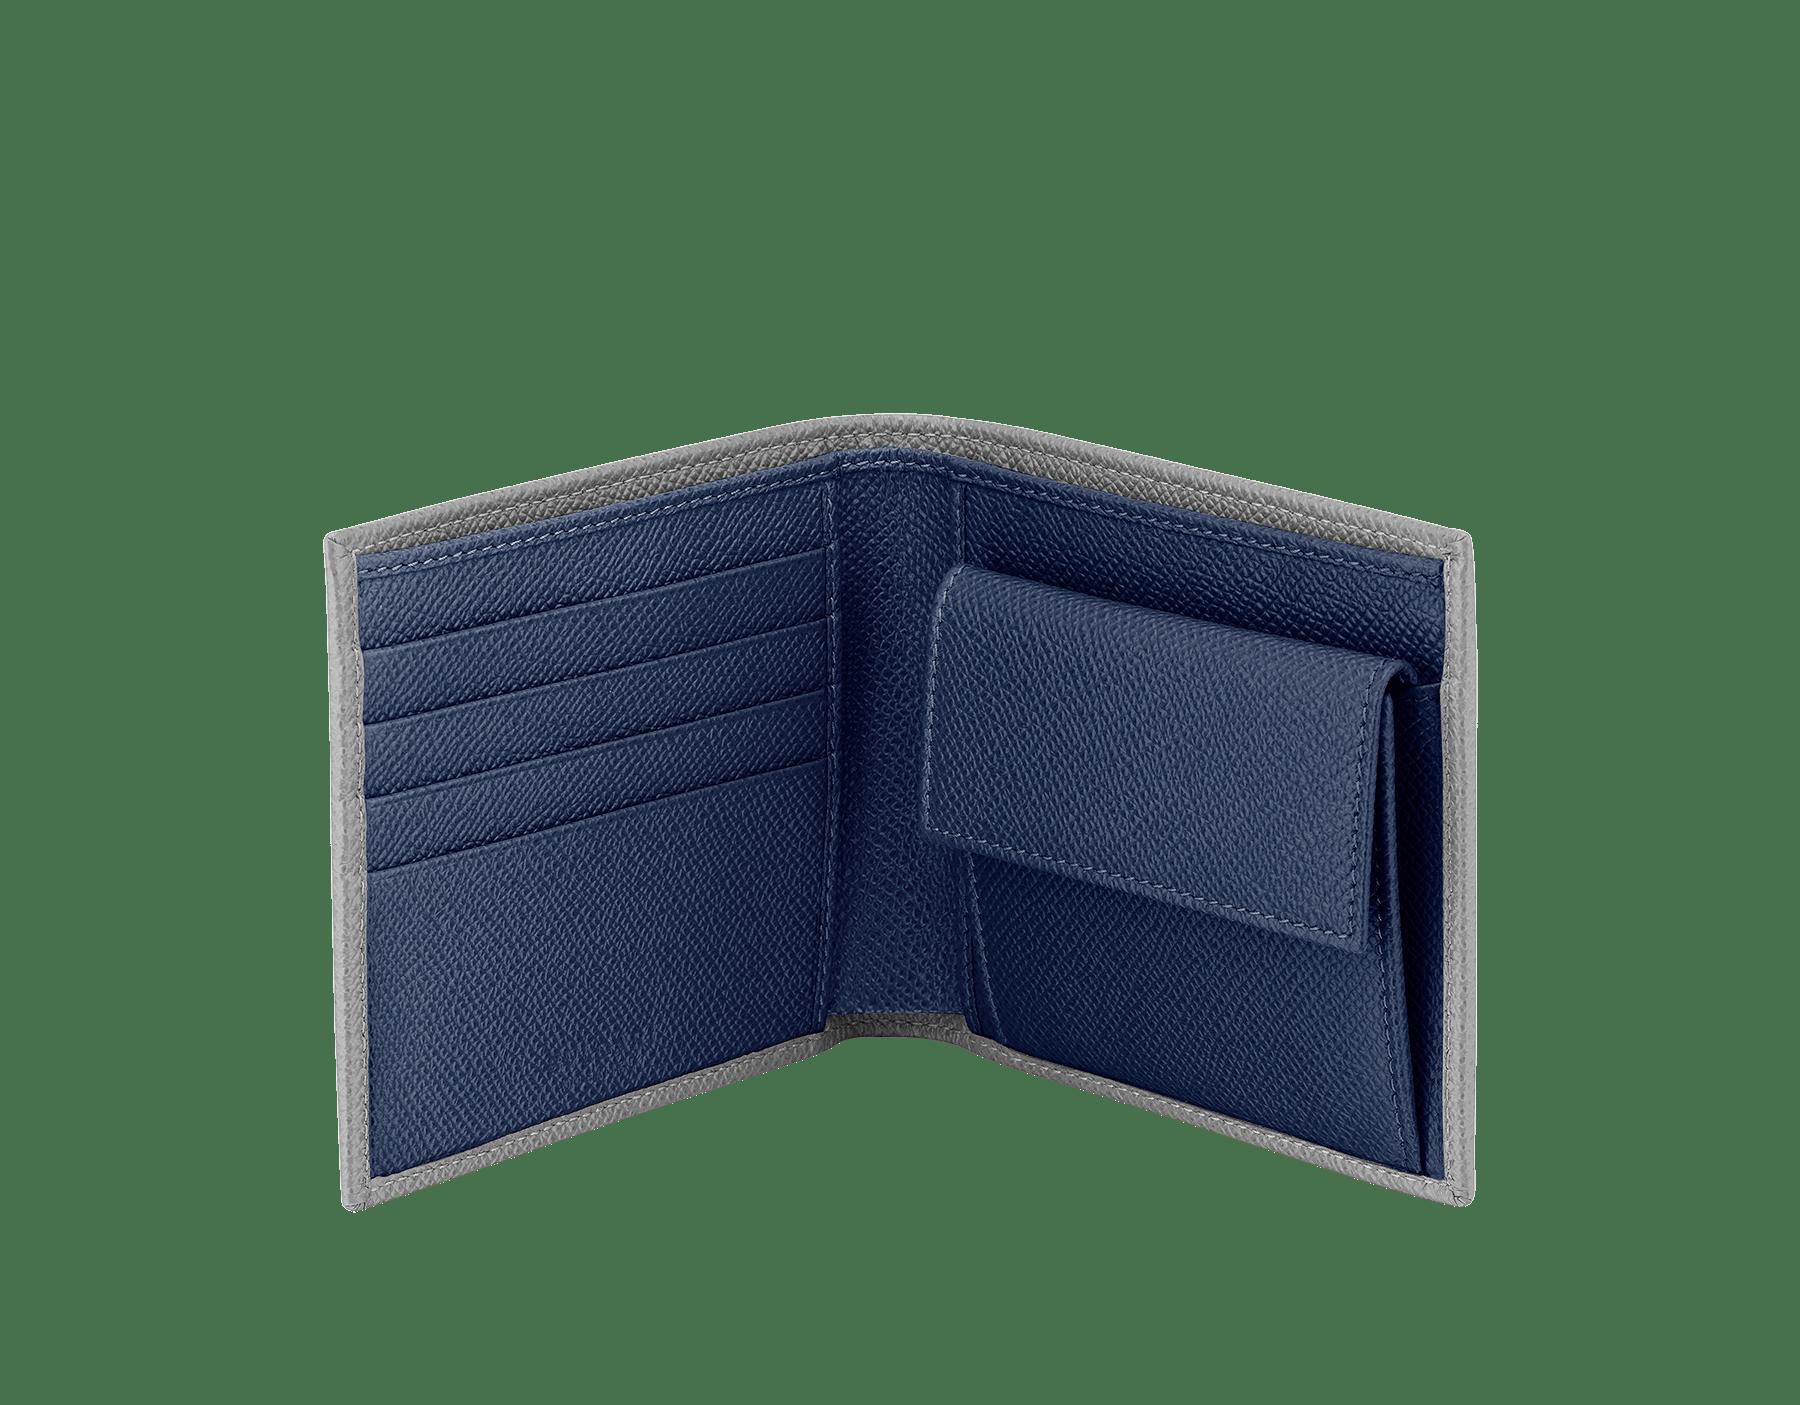 プルートストーングレーとデニムサファイアブルーのグレインカーフレザーを使った「ブルガリ・ブルガリ」メンズコンパクトウォレット。 パラジウムプレートブラス製のアイコニックなロゴの装飾。 BBM-WLT-ITAL-gcl image 2